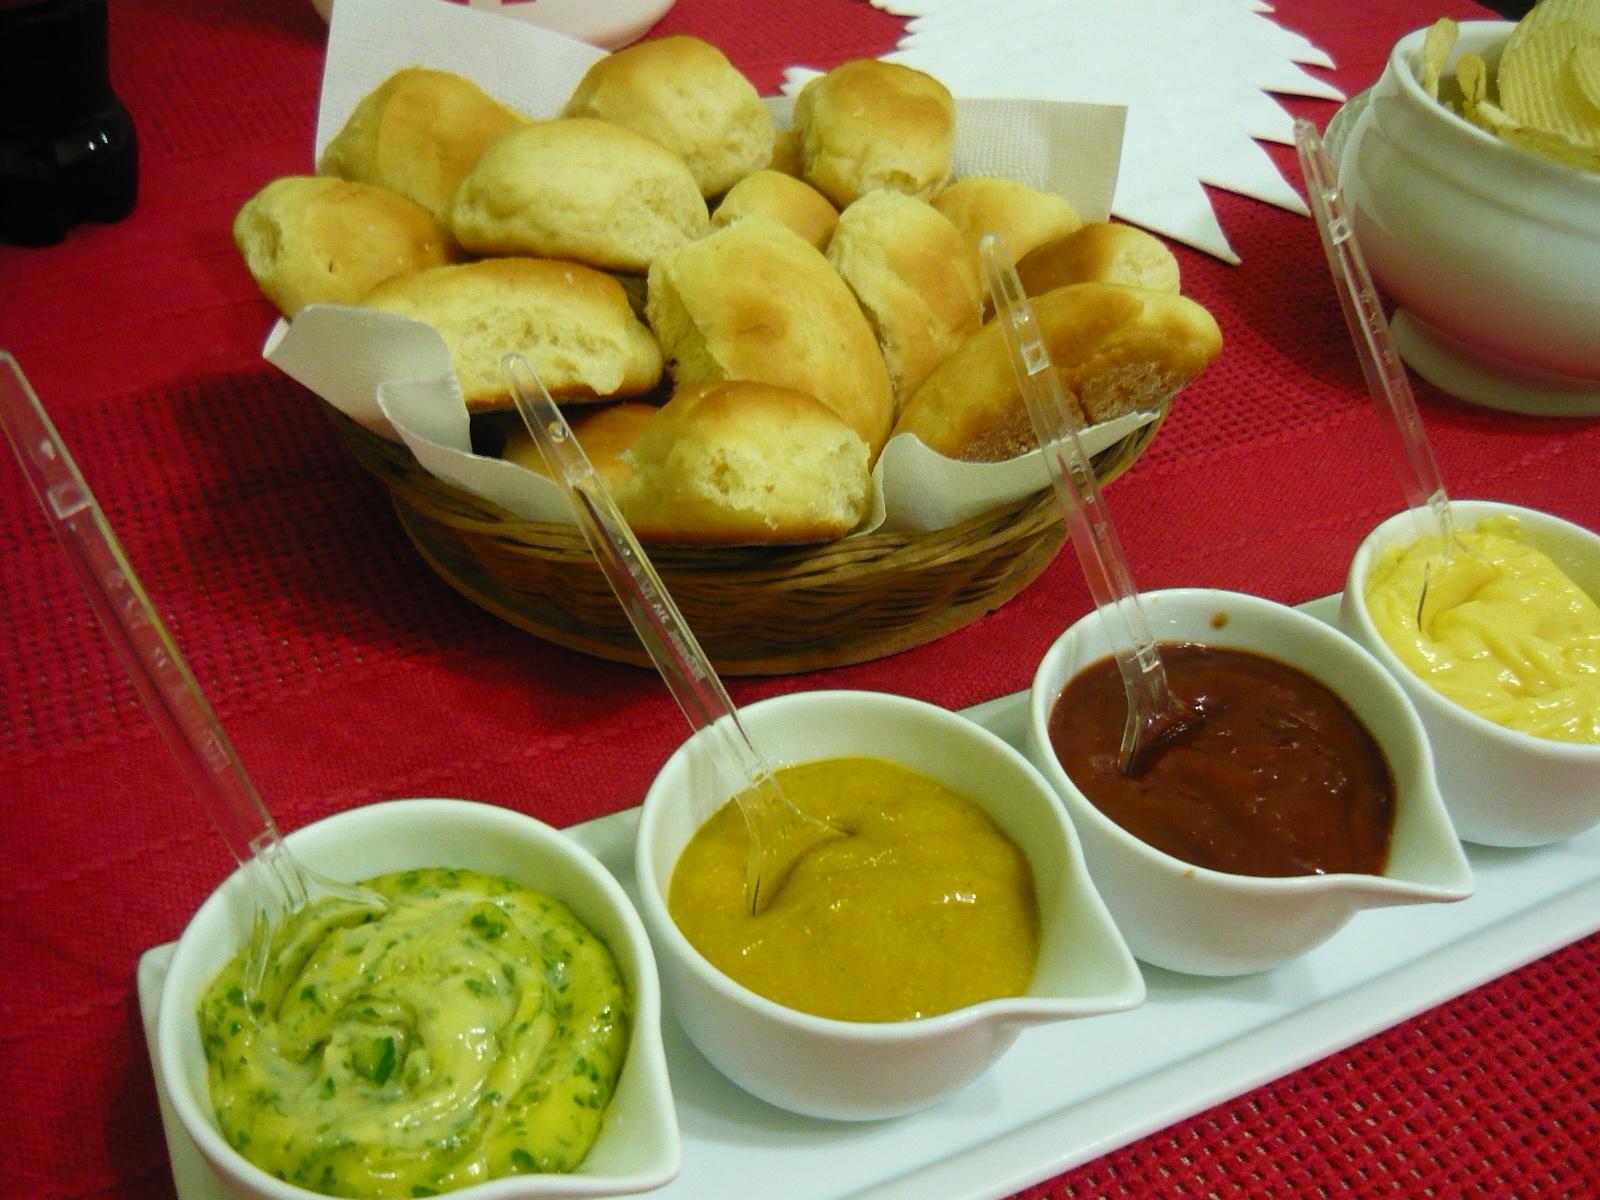 Cozinha Santa: Tema da Festa: Lanchonete! #331608 1600 1200